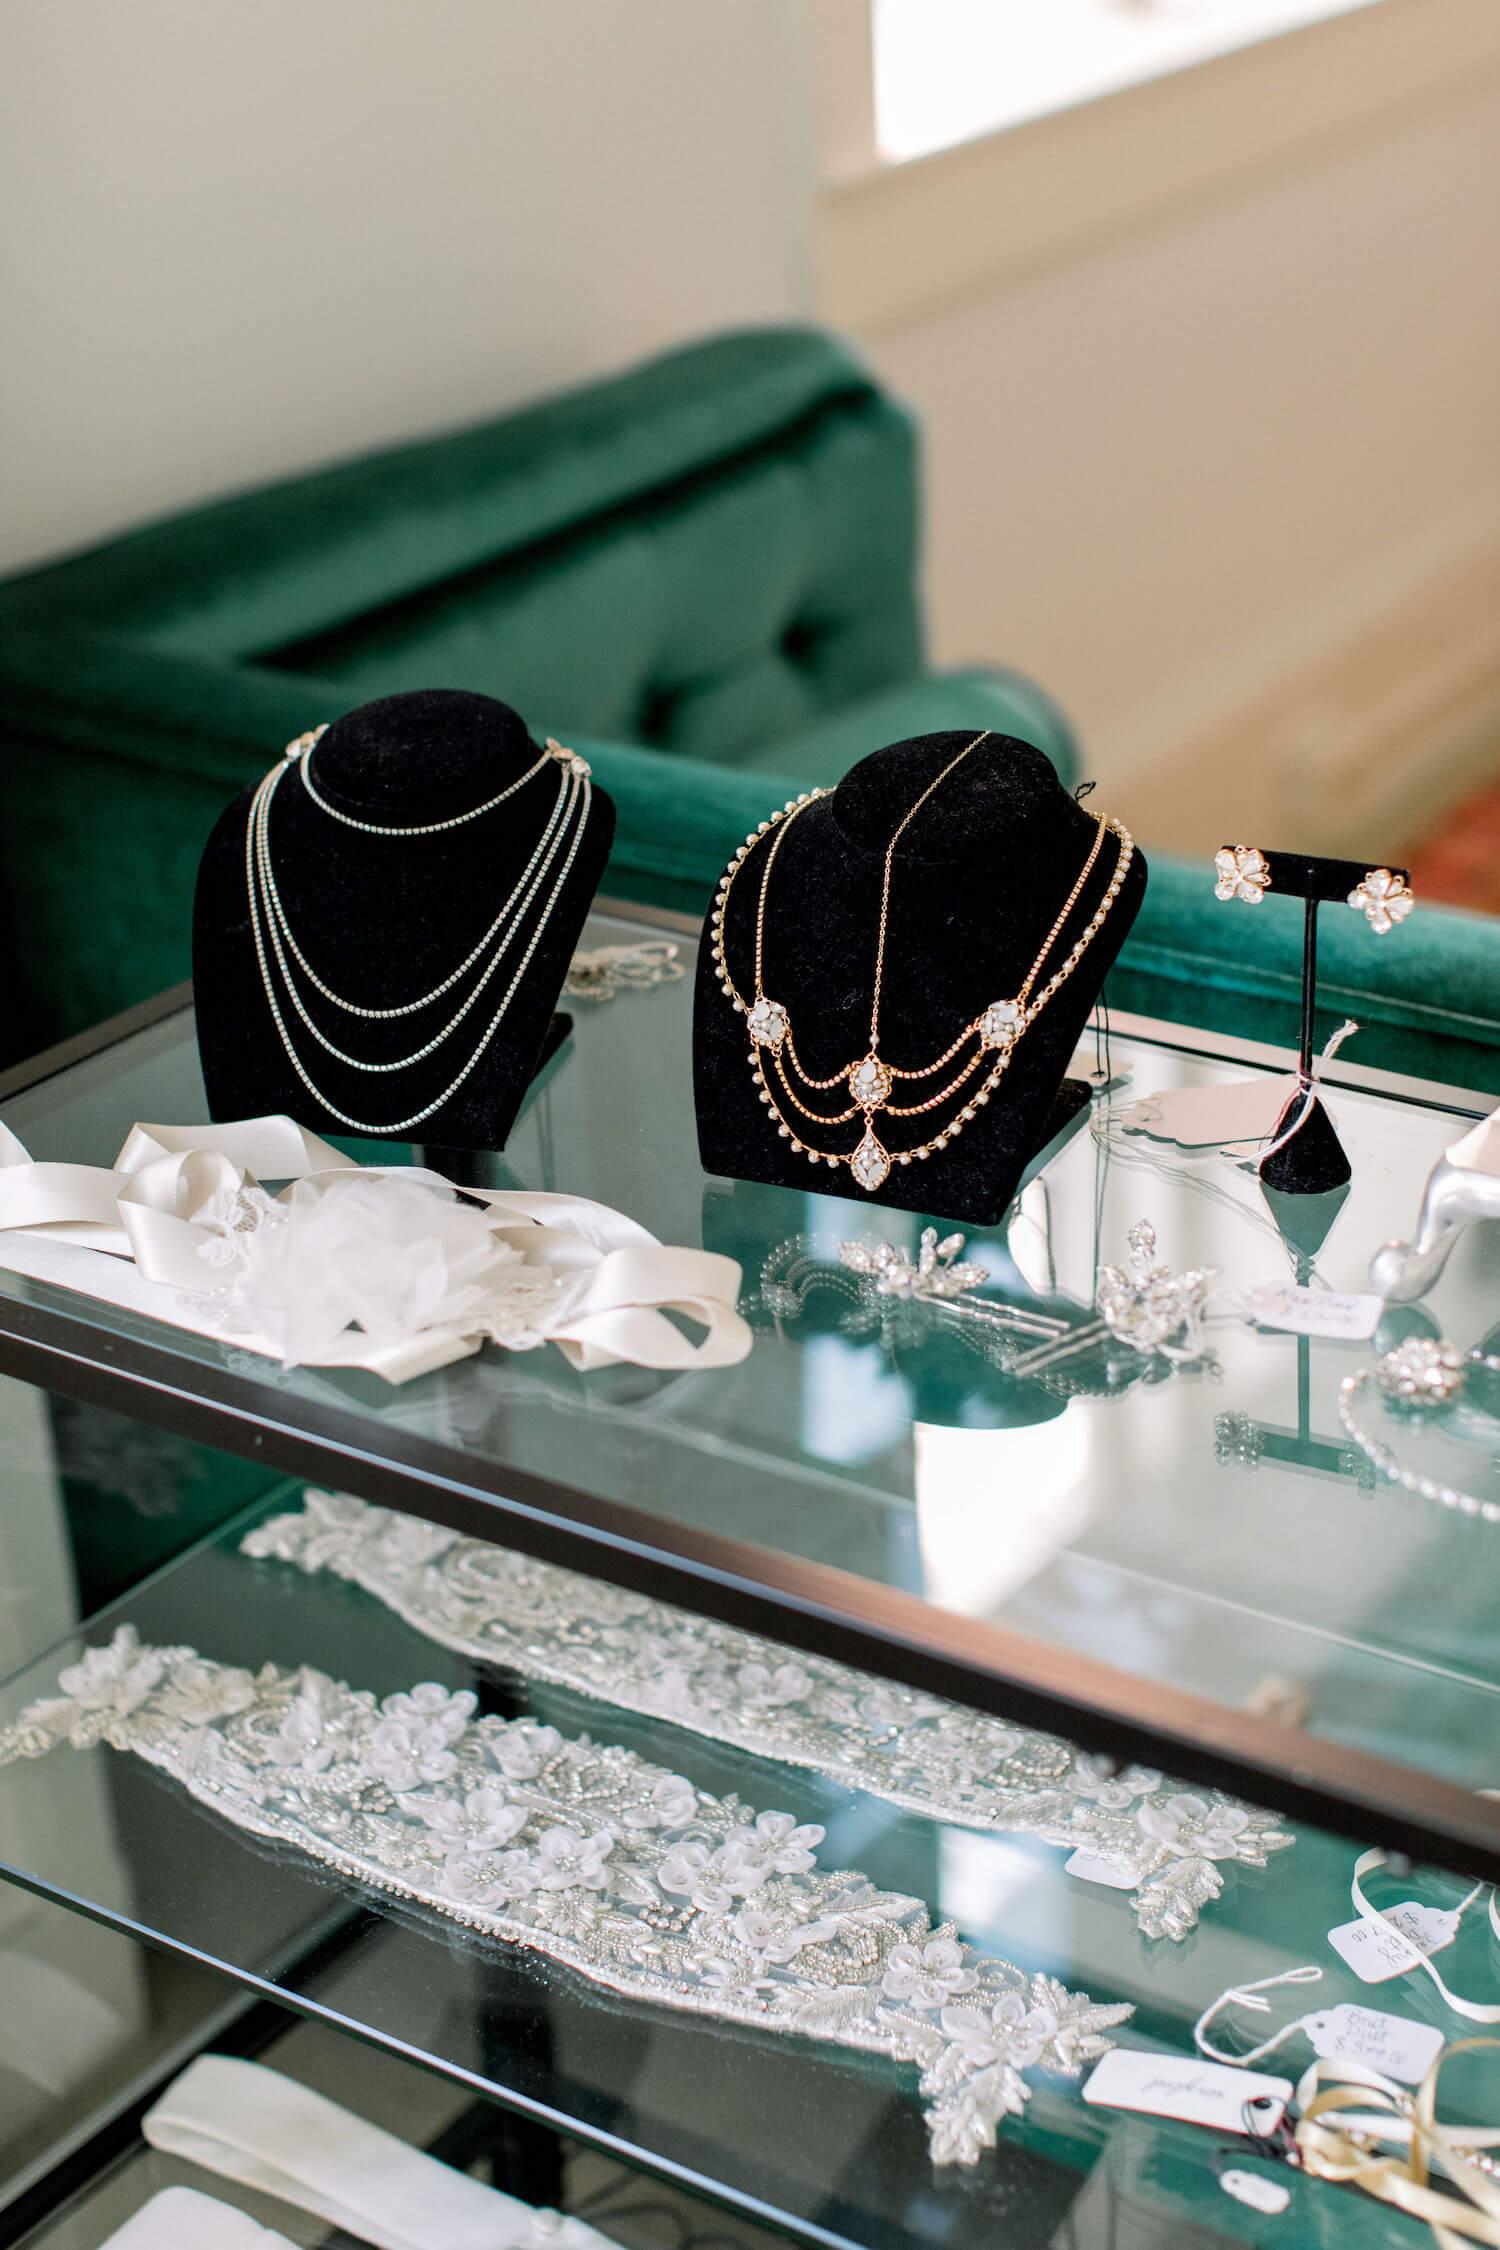 sara gabriel accessories at Magnolia Bride bridal shop.JPG